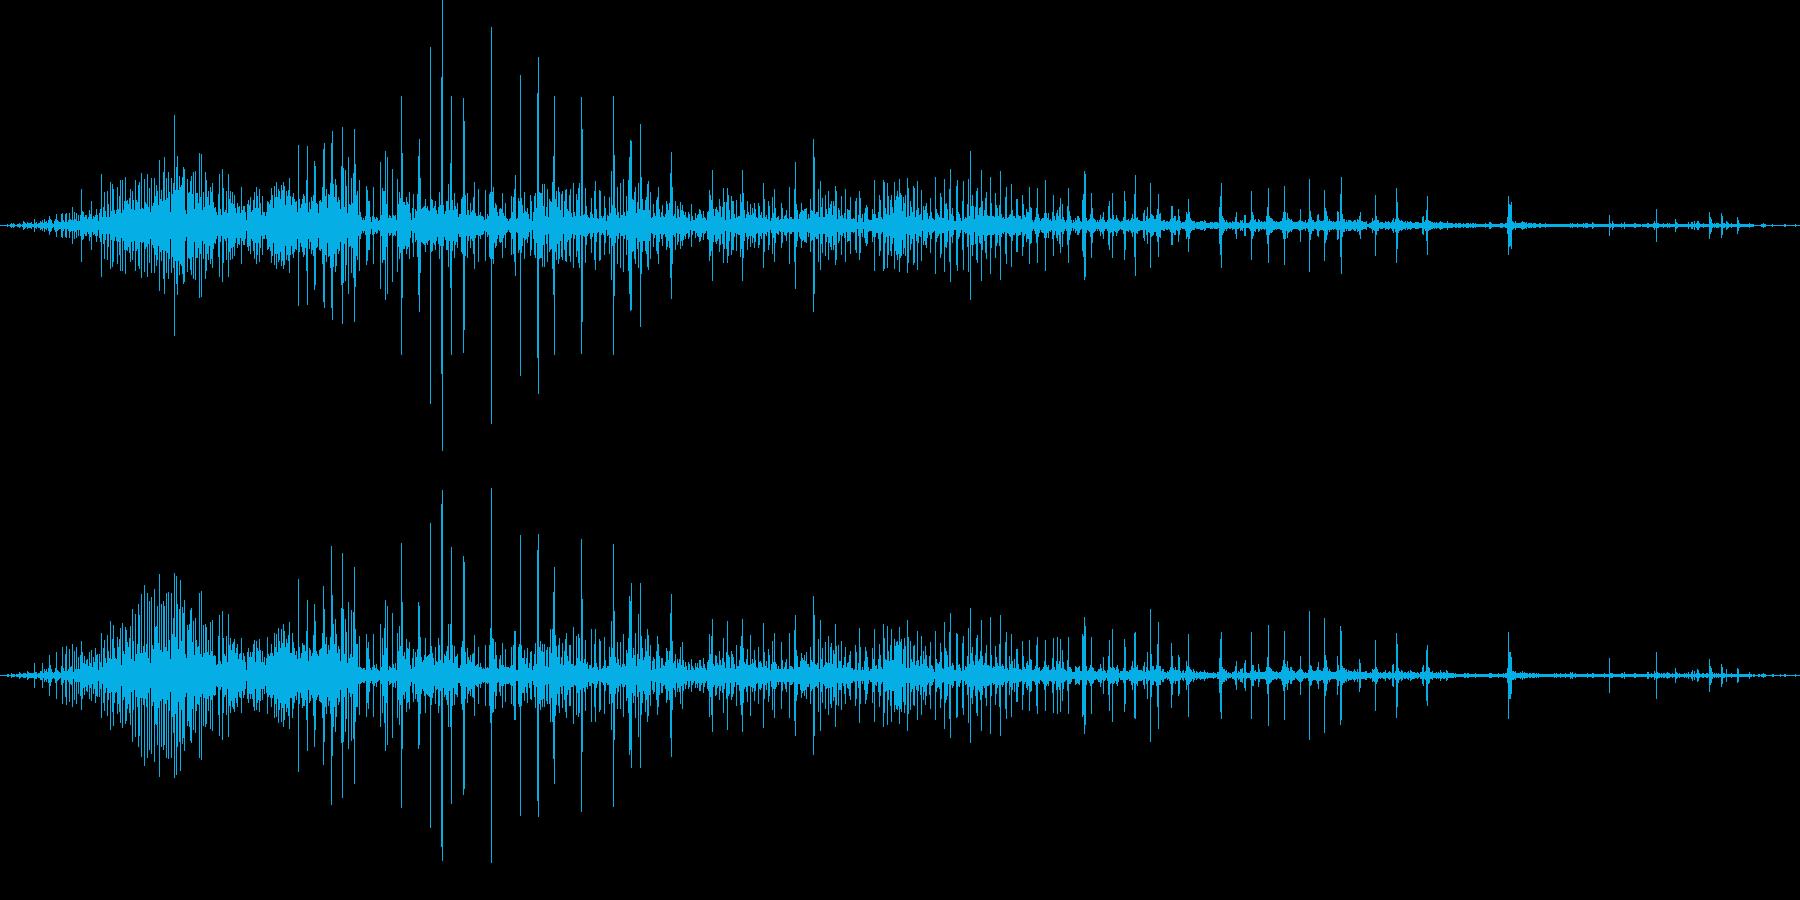 ギリギリ締め付けるような音2(短め)の再生済みの波形